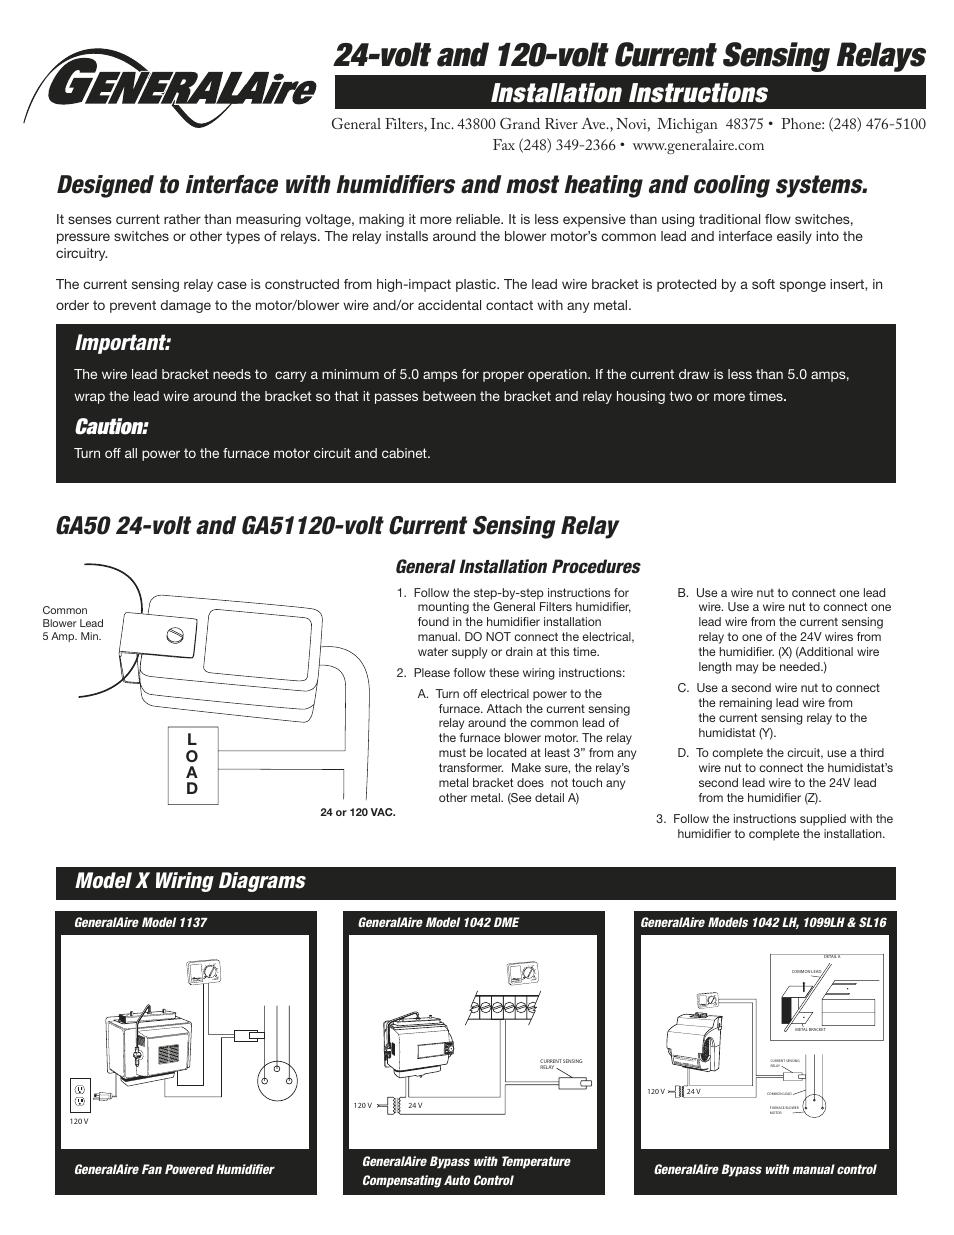 generalaire ga51 current sensing relay user manual 2 pages generalaire ga51 current sensing relay user manual 2 pages also for ga50 current sensing relay